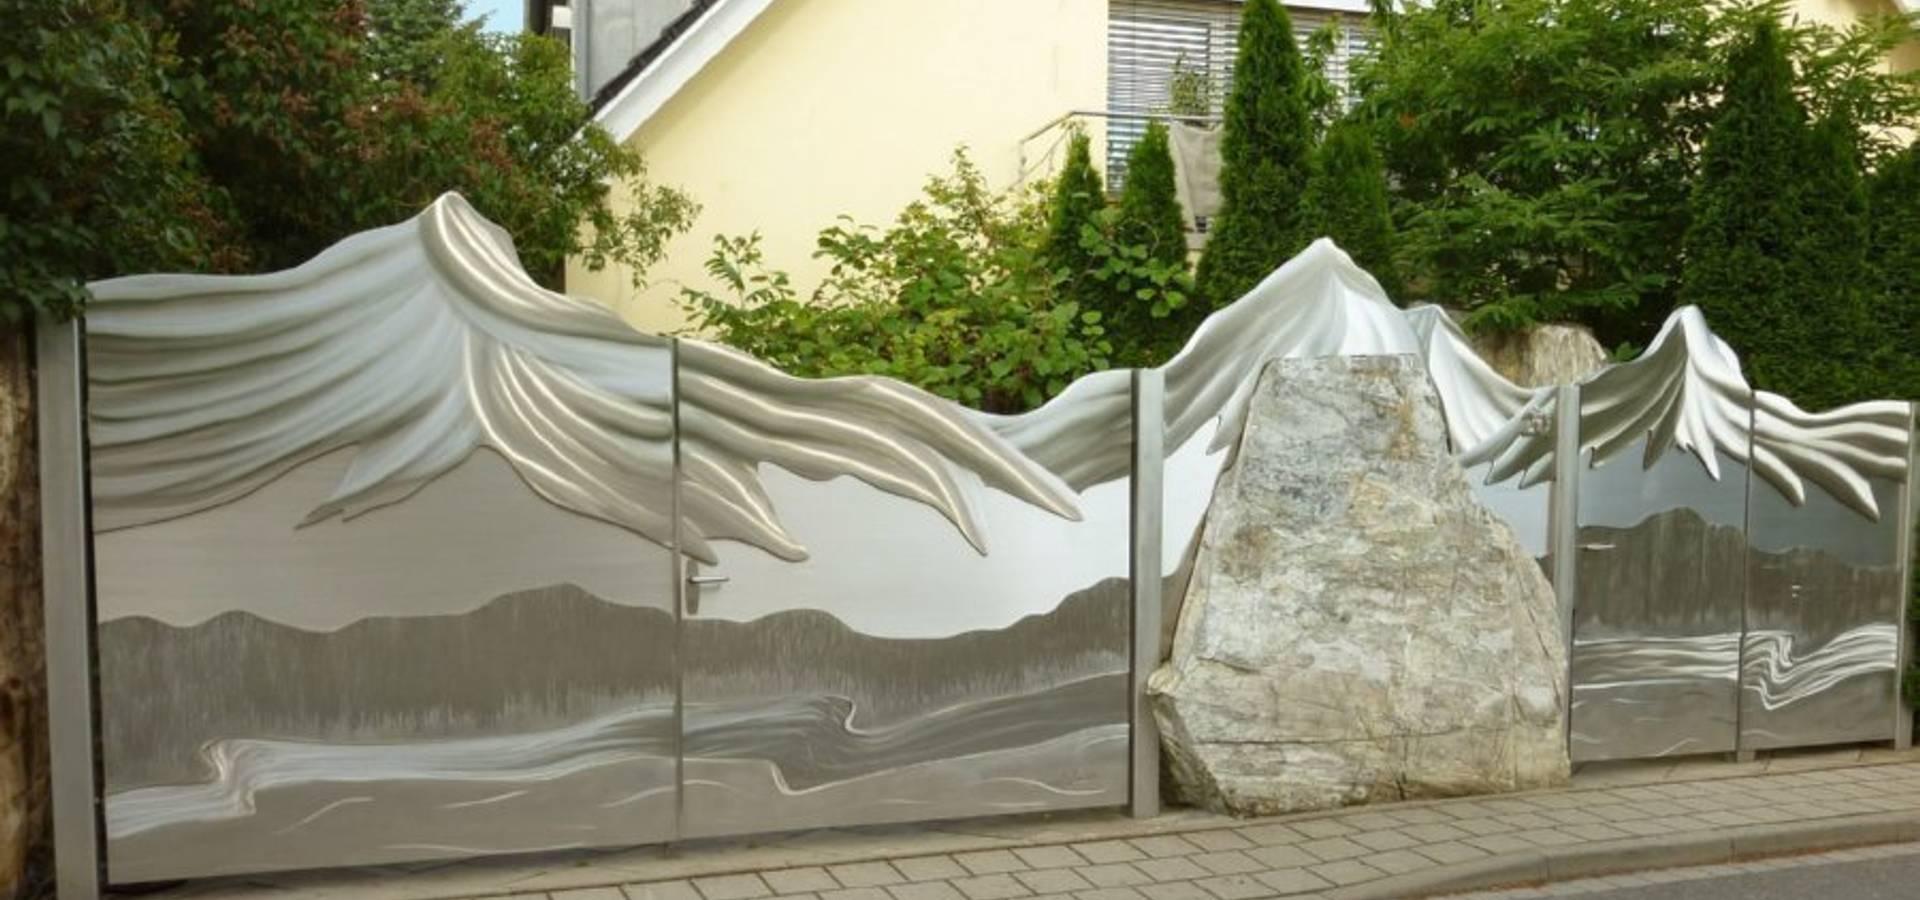 Edelstahl Atelier Crouse Designer in Nürnberg│homify